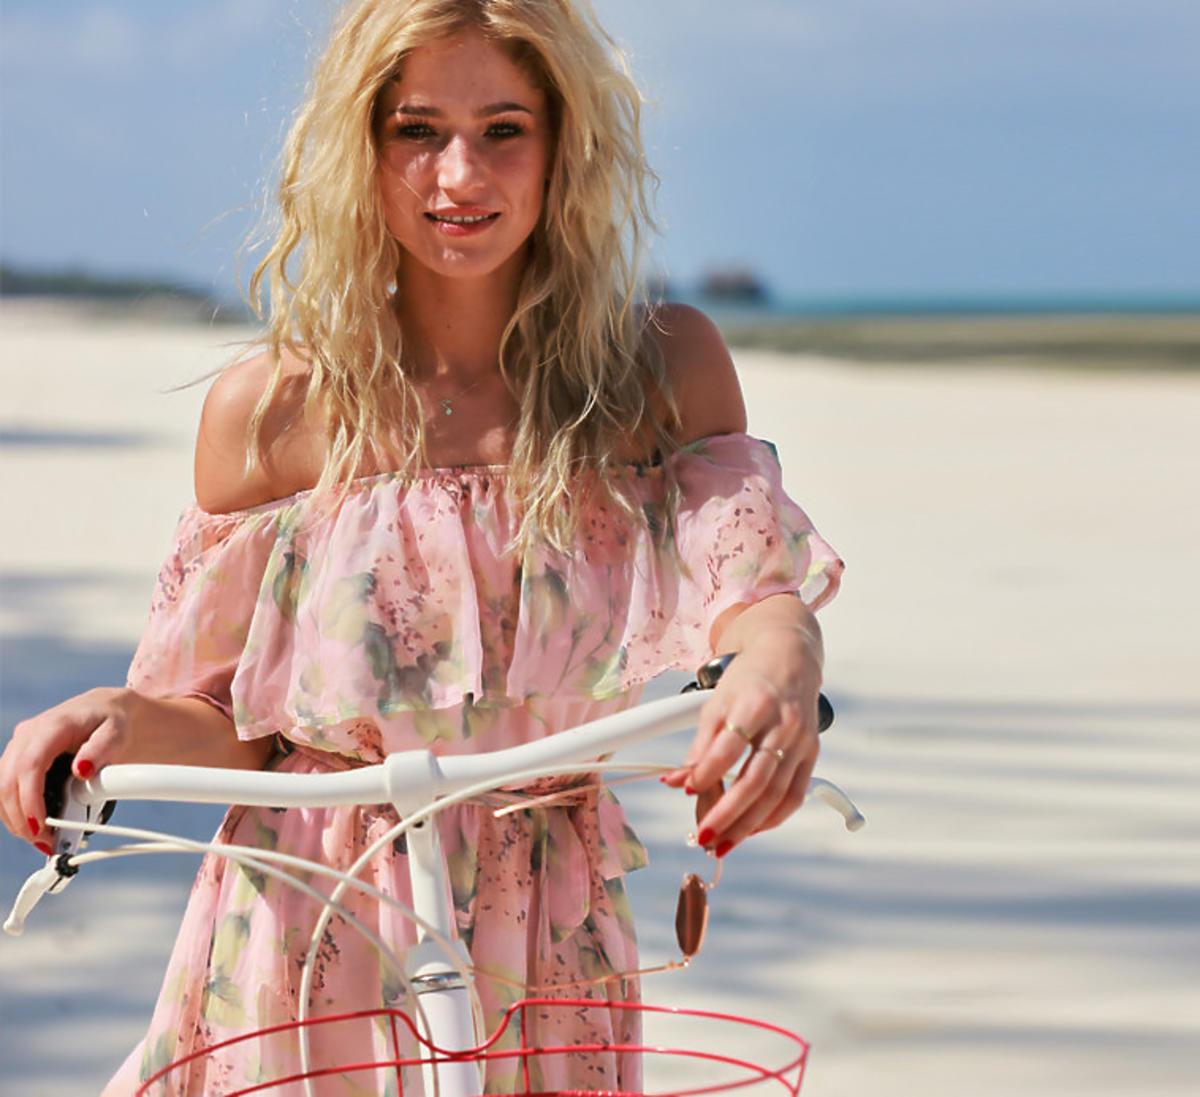 Basia z Hotelu Paradise w różowej falbaniastej sukience